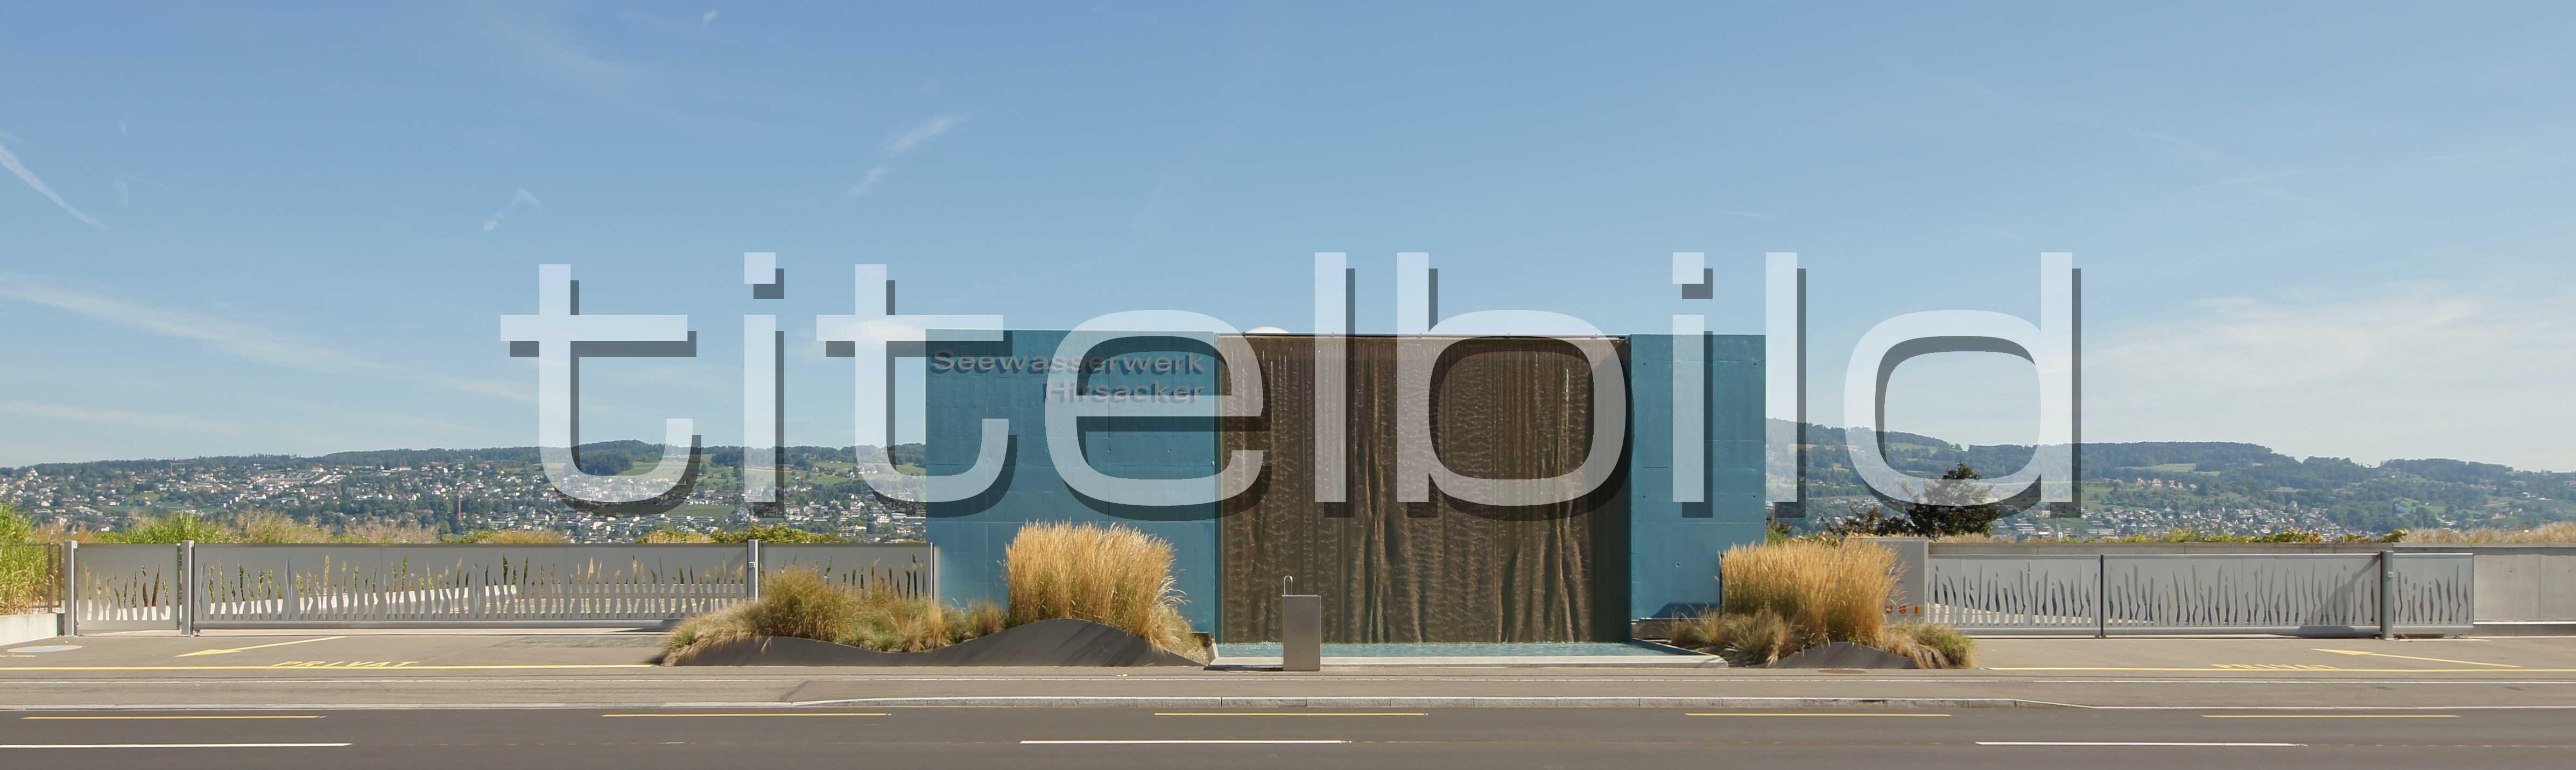 Projektbild-Nr. 2: Seewasserwerk Hirsacker